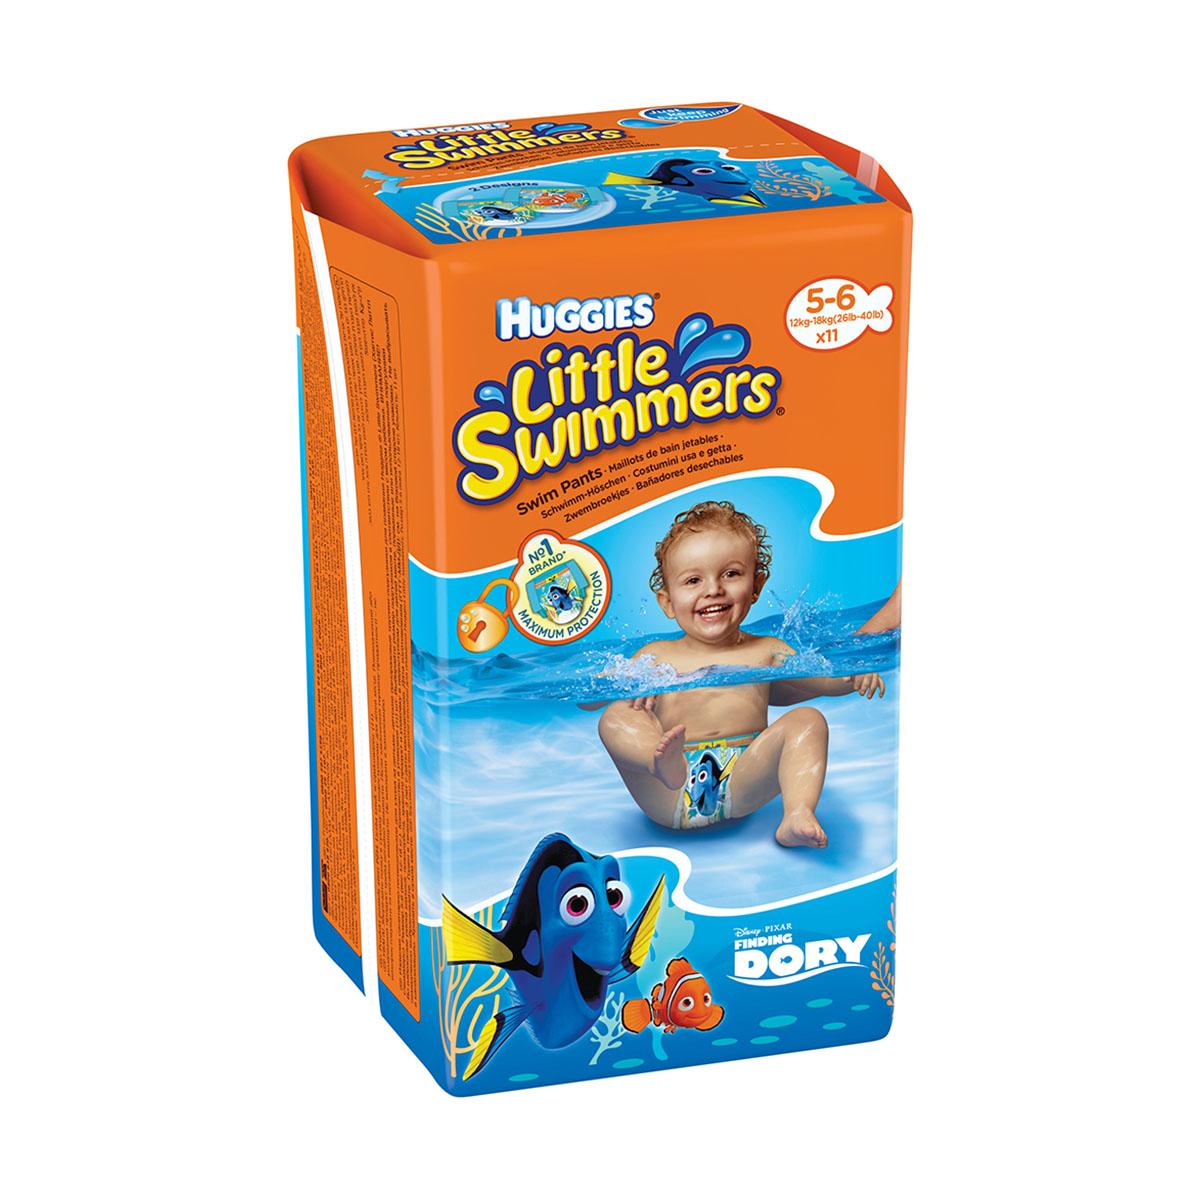 Scutece Huggies Little Swimmers, Nr 5-6, 12 - 18 Kg, 11 buc imagine